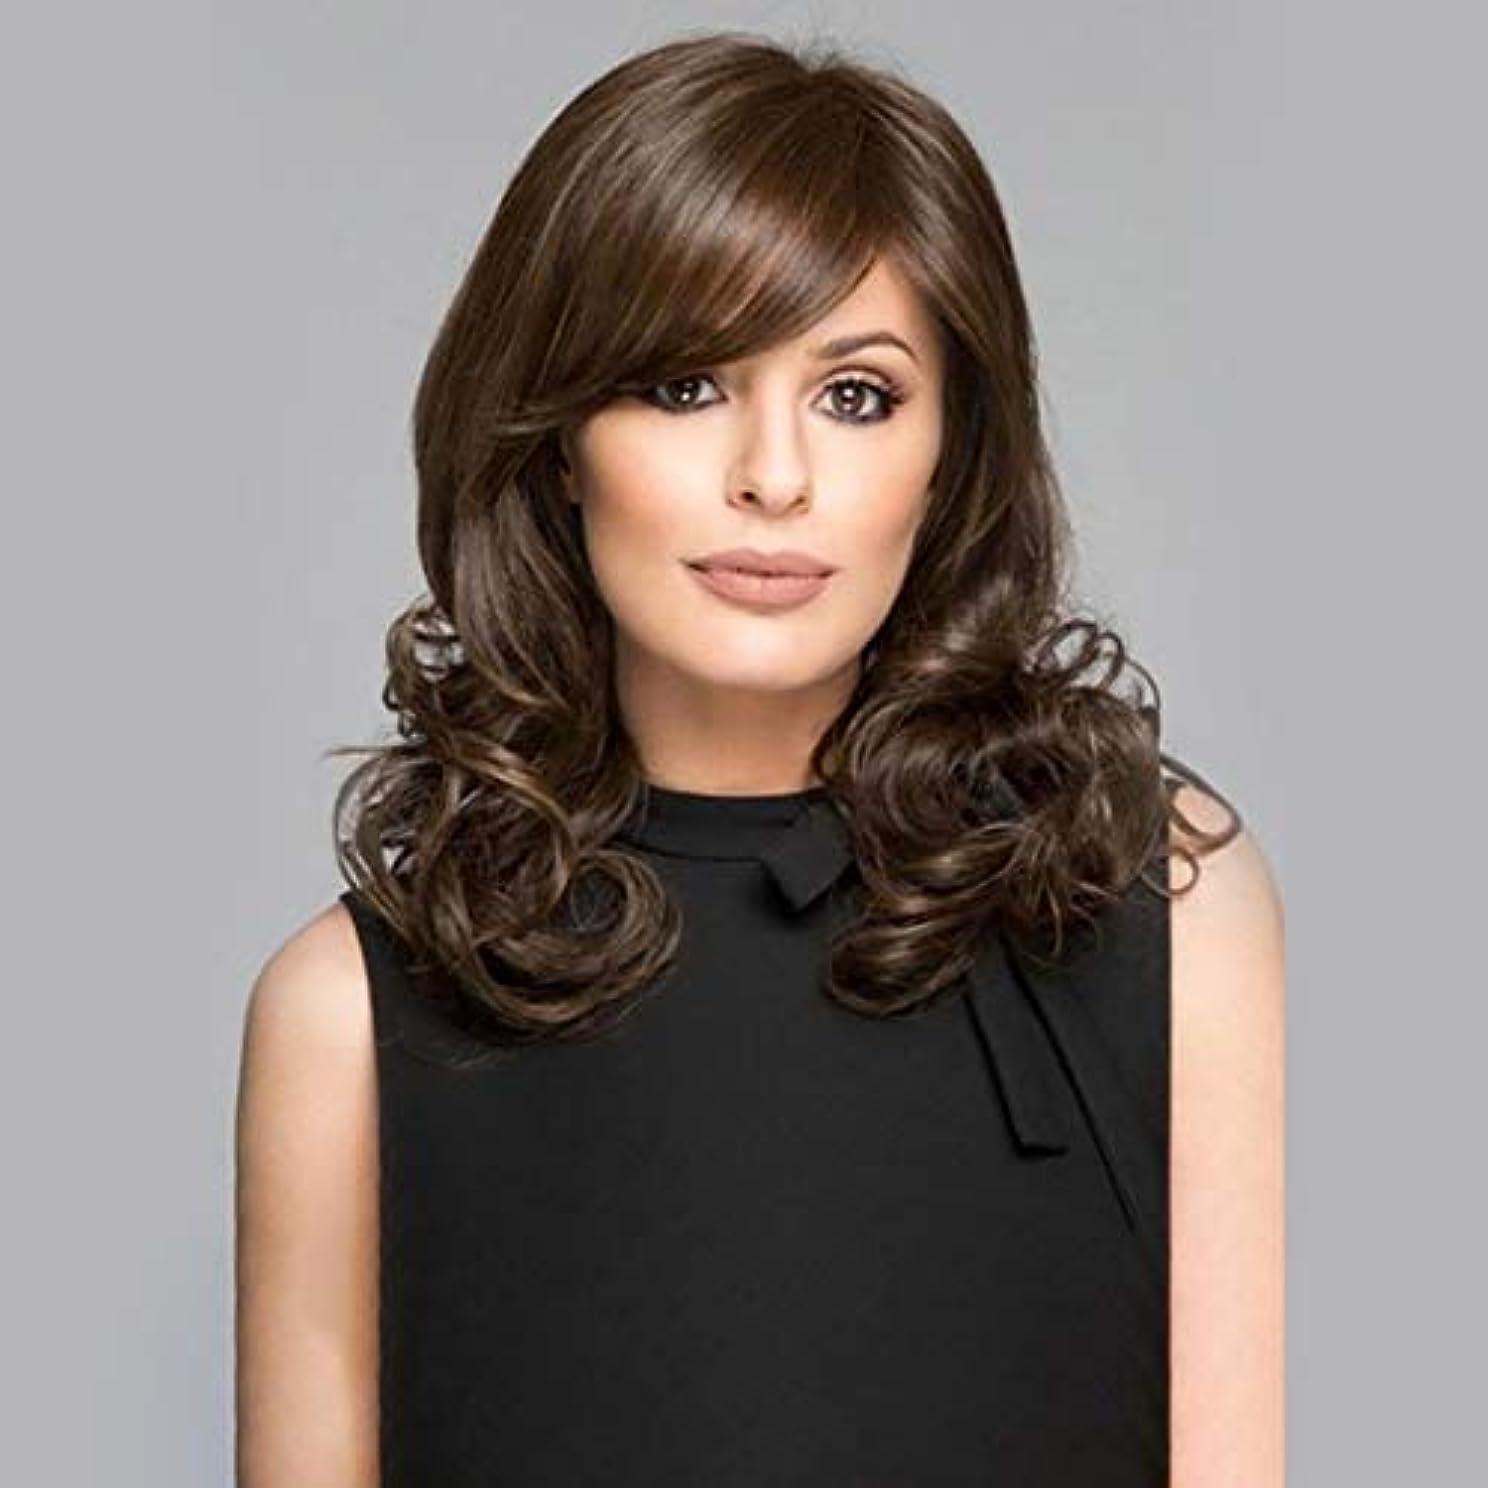 流すシルク忠実なSummerys 斜め前髪カールかつら自然な長い長い波状の耐熱性の交換かつら女性のための完全な合成かつら